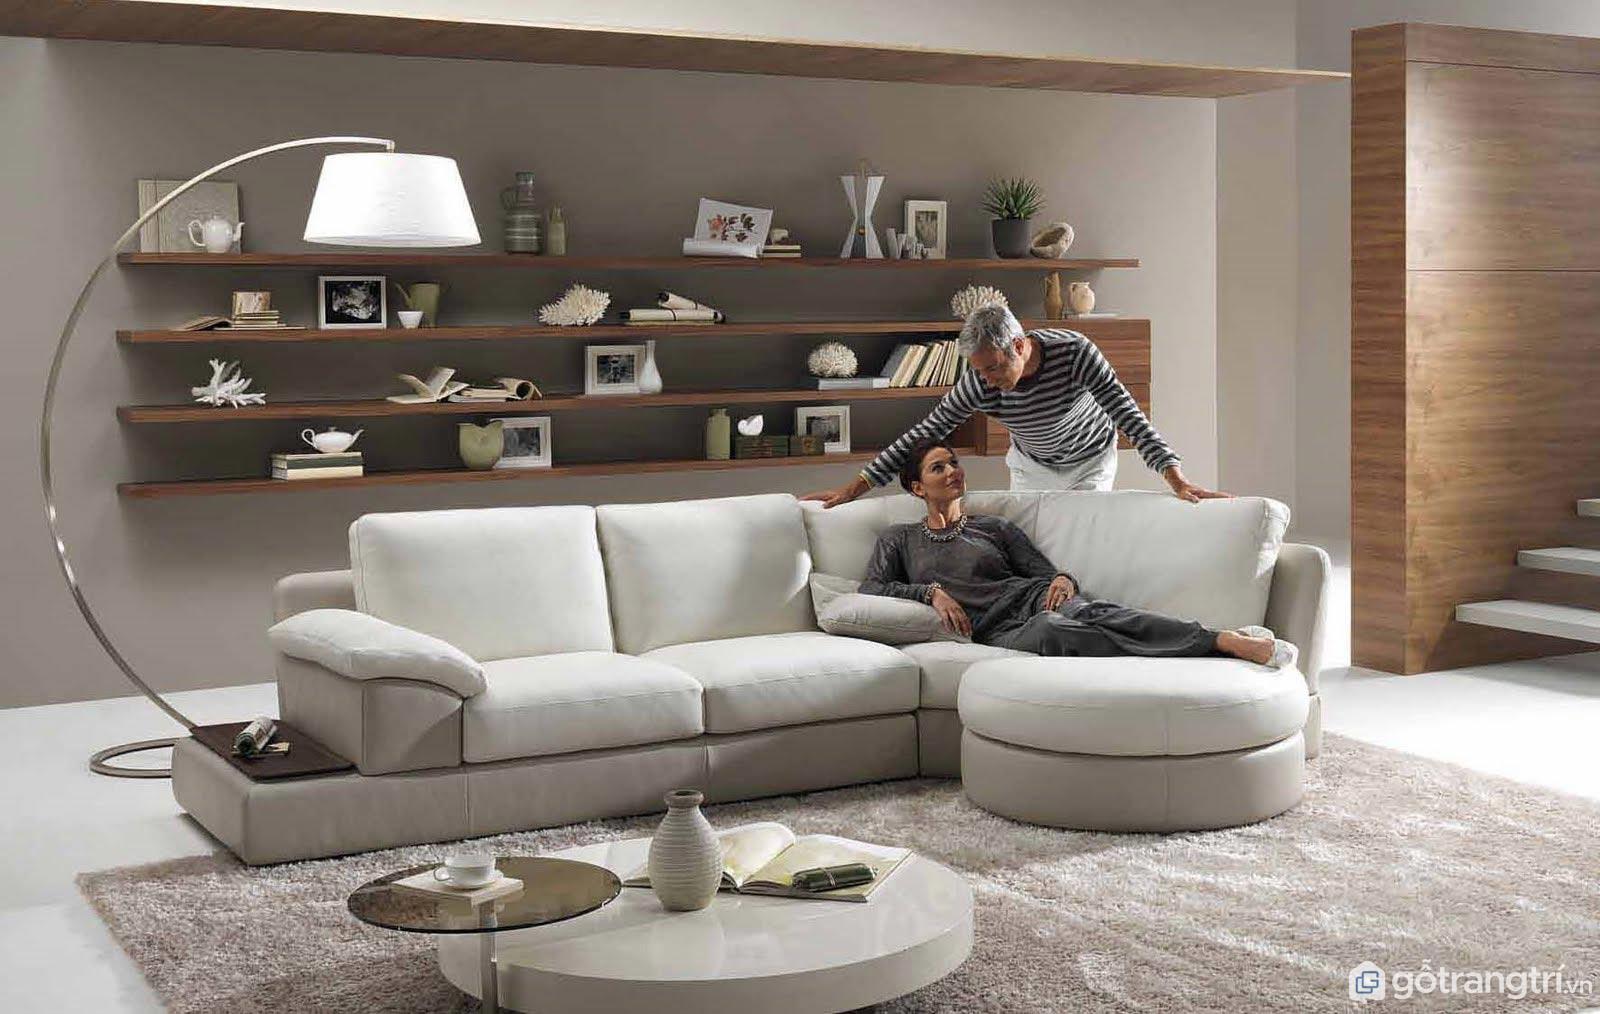 Kích thước bàn sofa phụ thuộc vào diện tích căn phòng